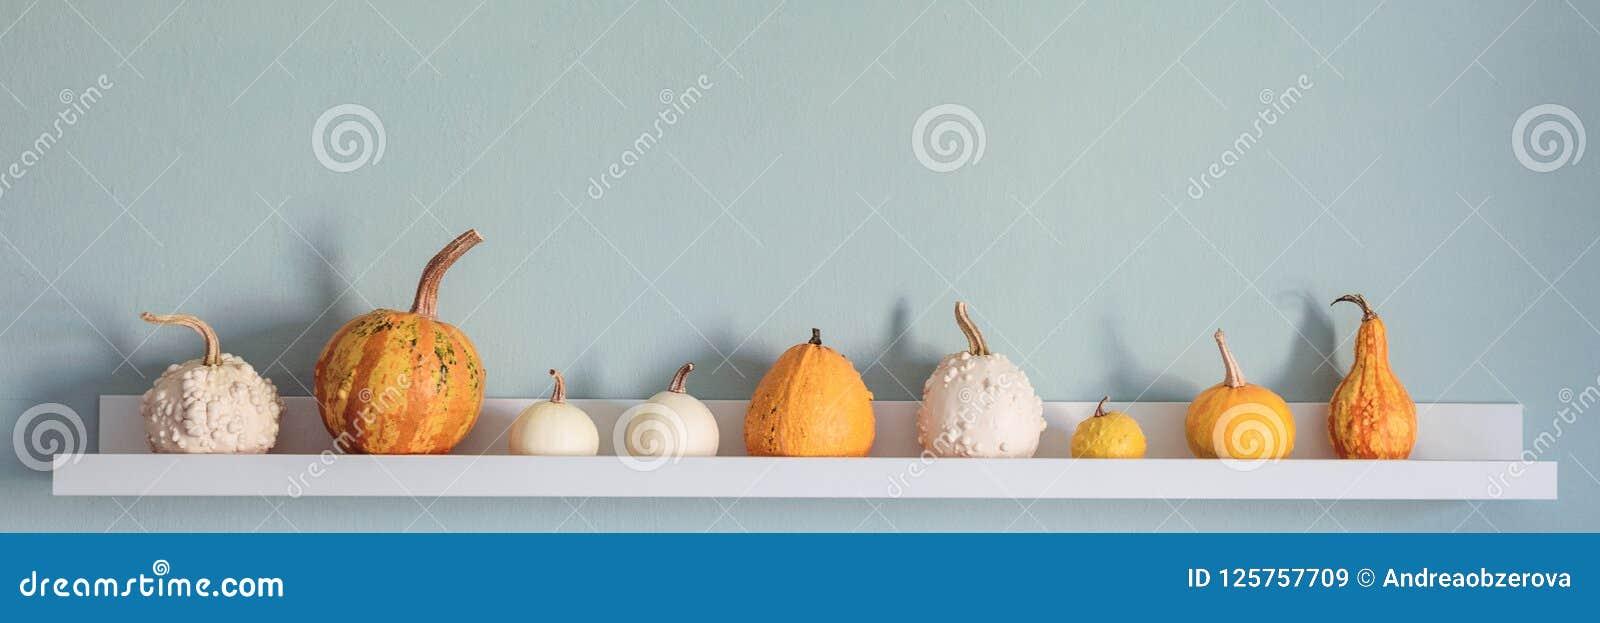 Fond heureux d action de grâces La sélection de divers potirons sur l étagère blanche contre la turquoise en pastel a coloré le m